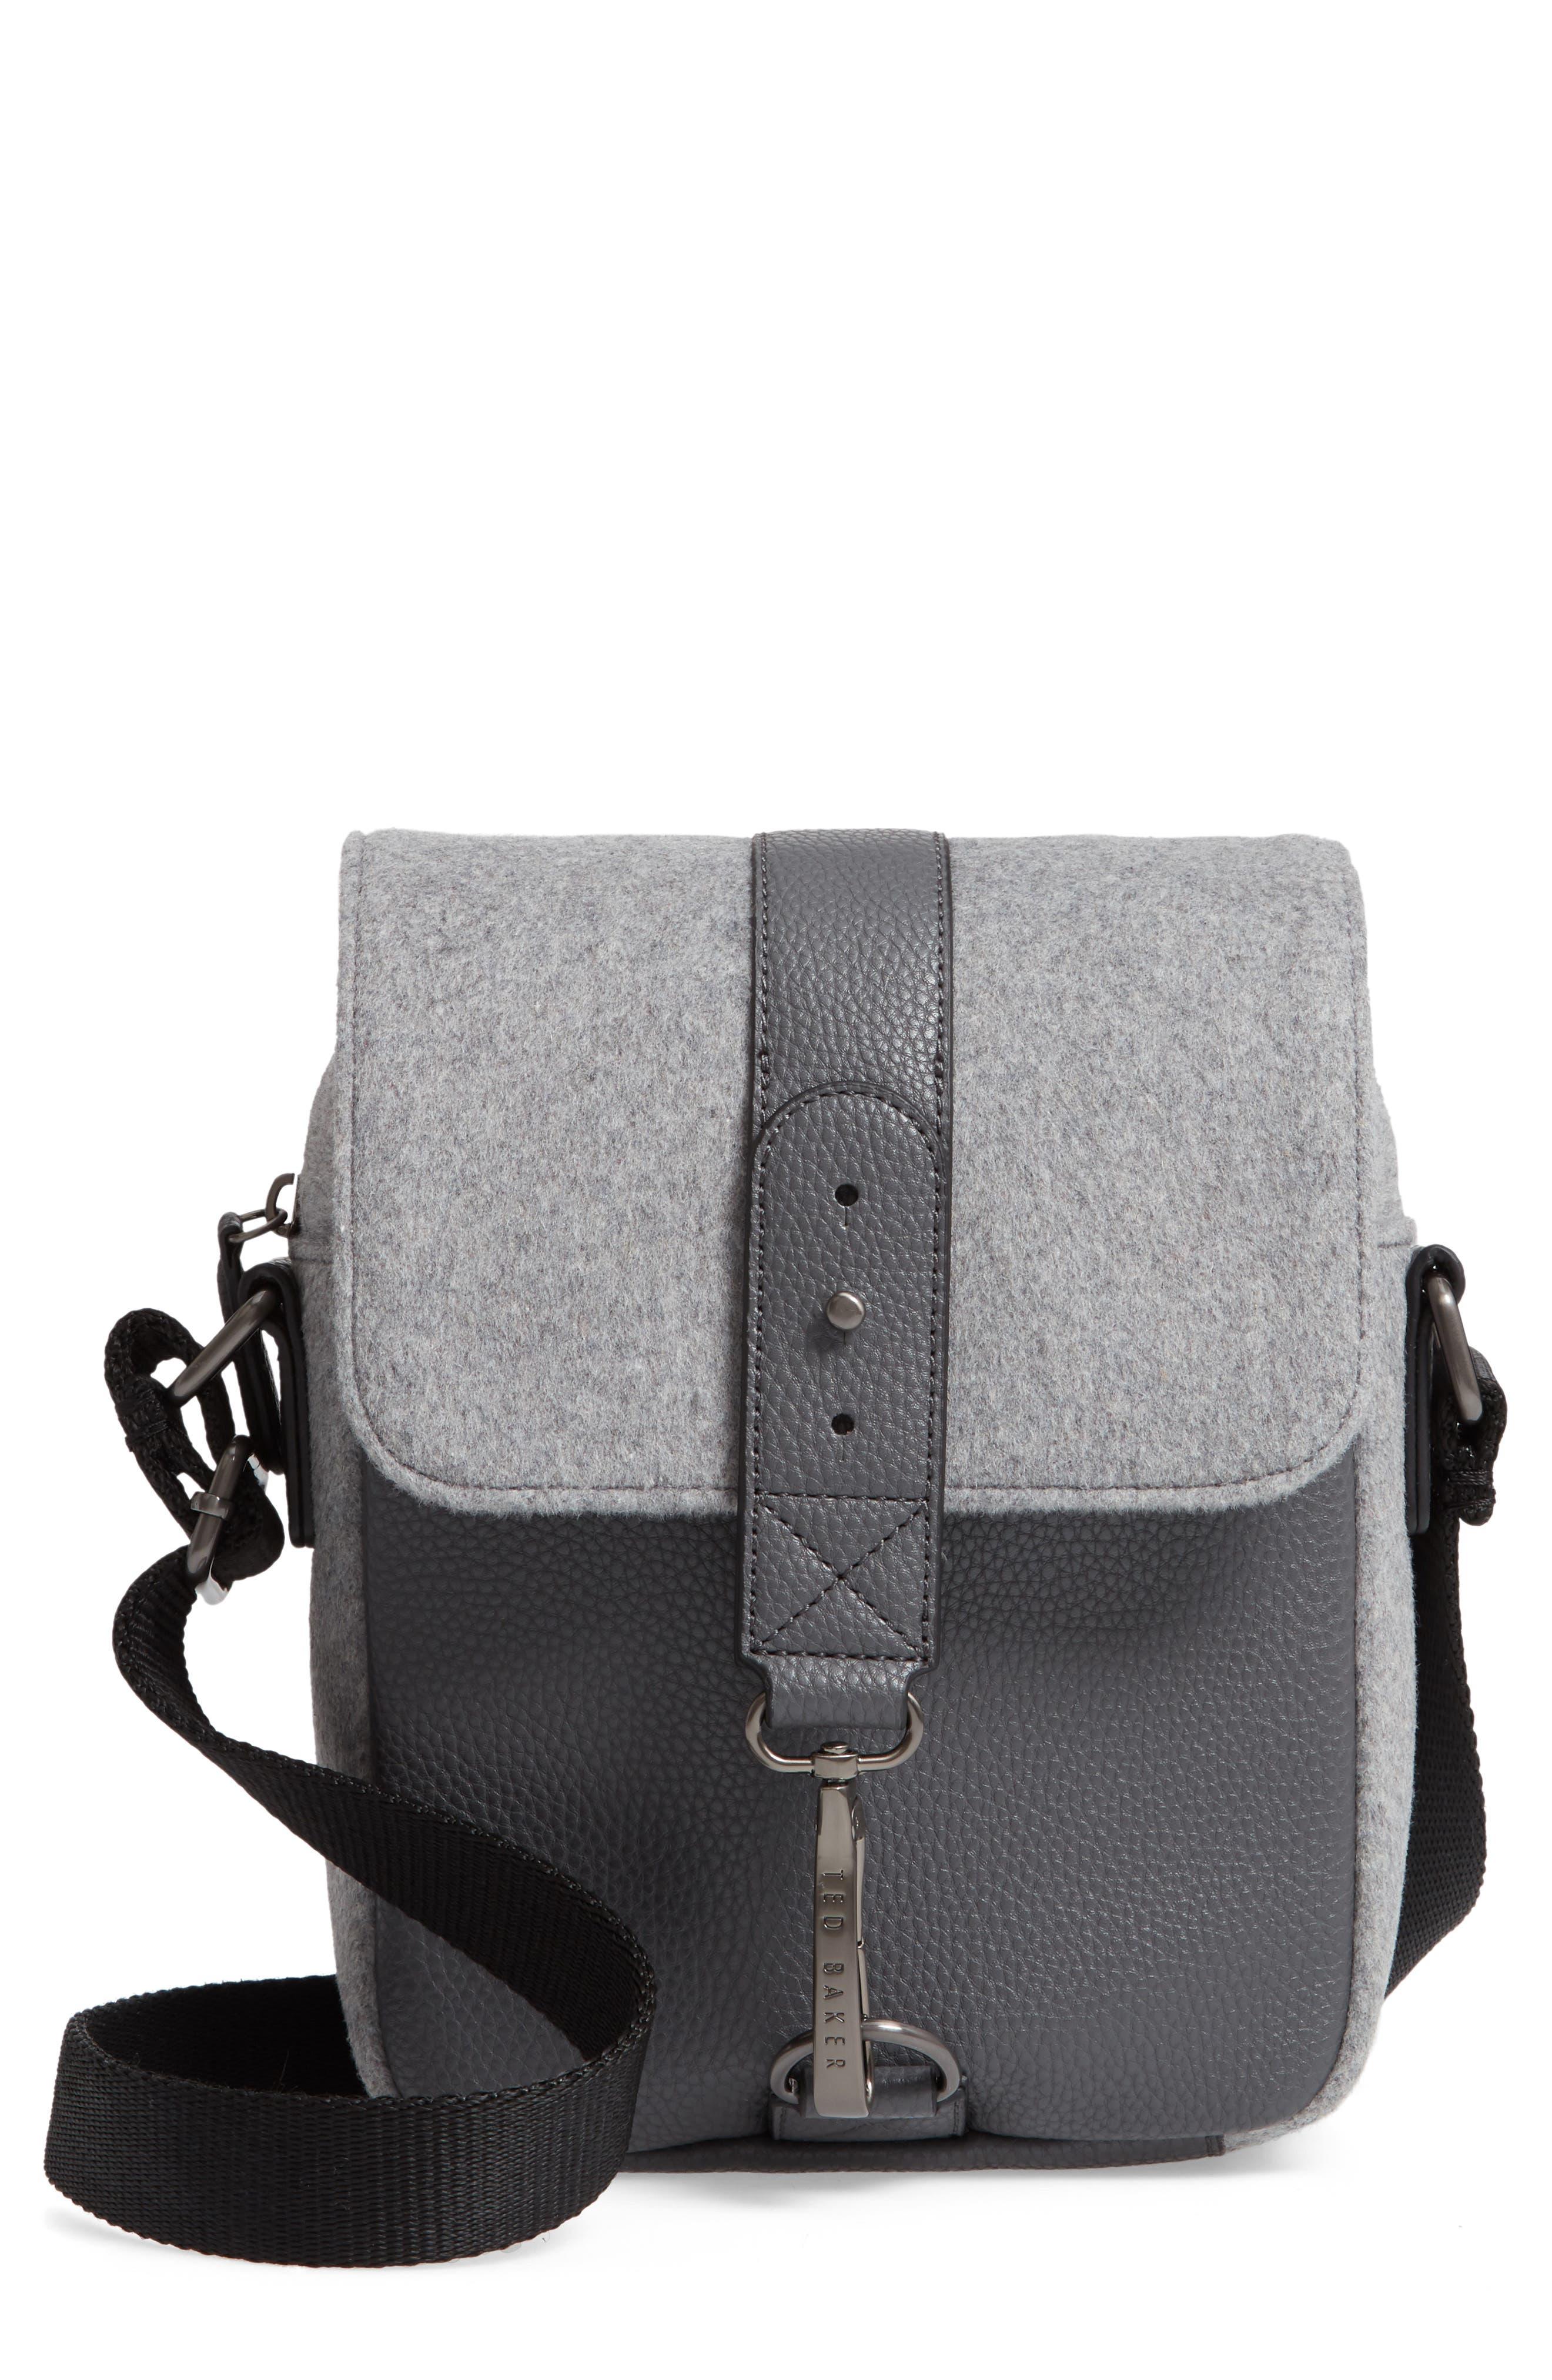 cb5f5dc72c52 Bags Ted Baker London for Men